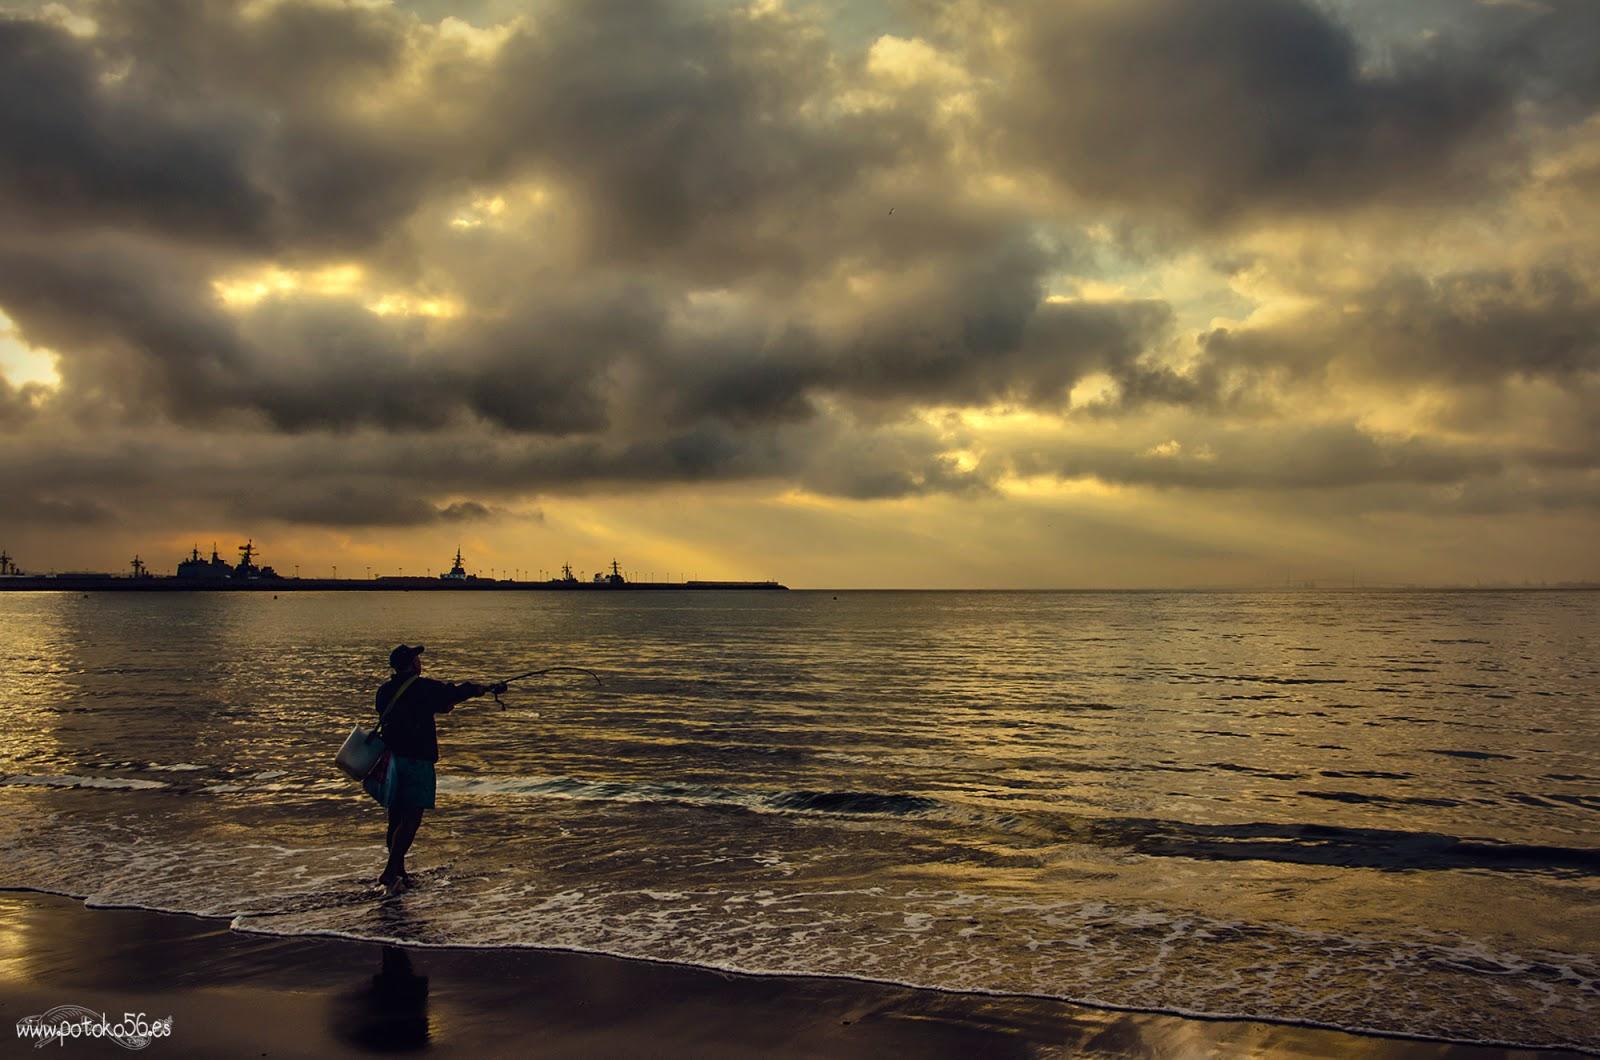 Playa del Chorrillo Rota con una variedad de nubes y un pescador en la orilla